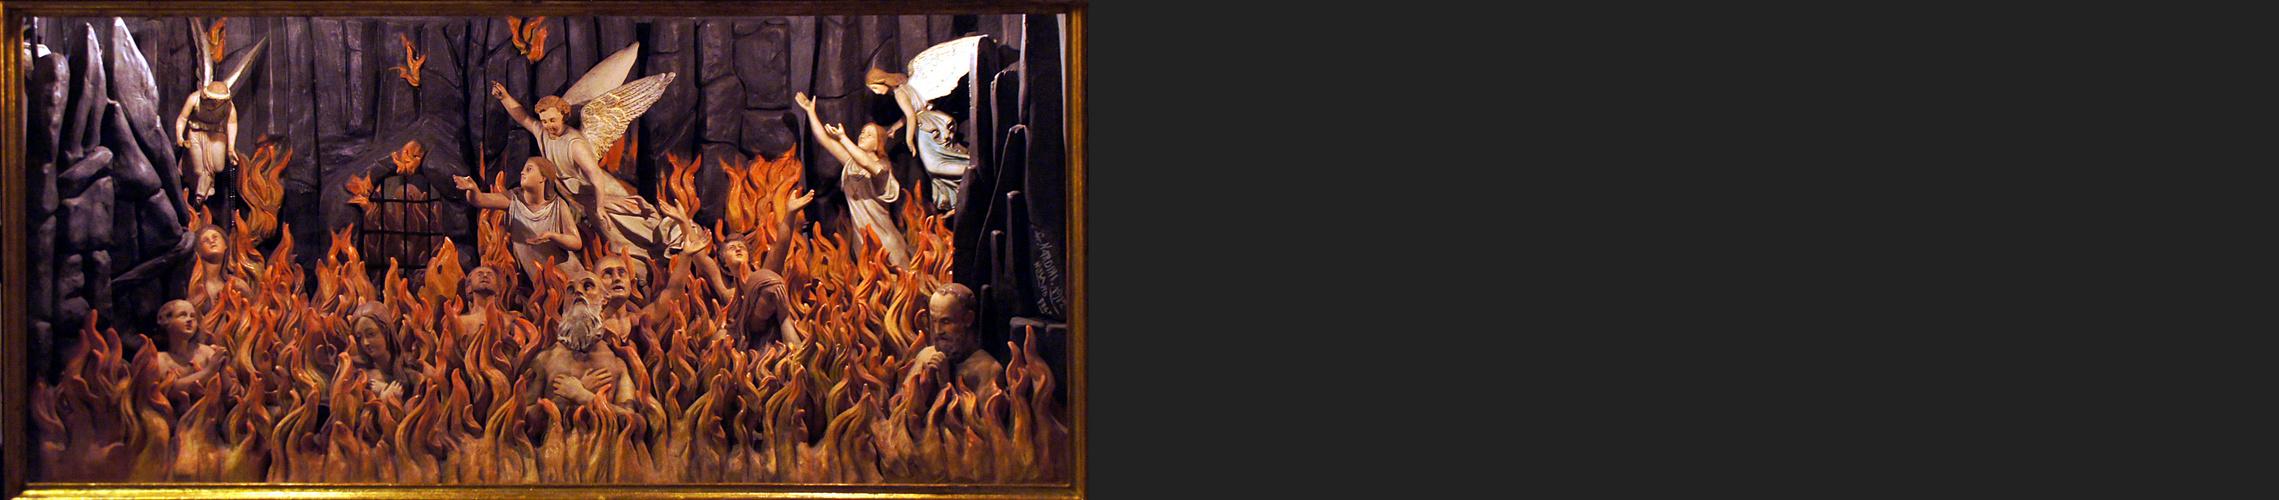 Das Fegefeuer von San Fedele in Como